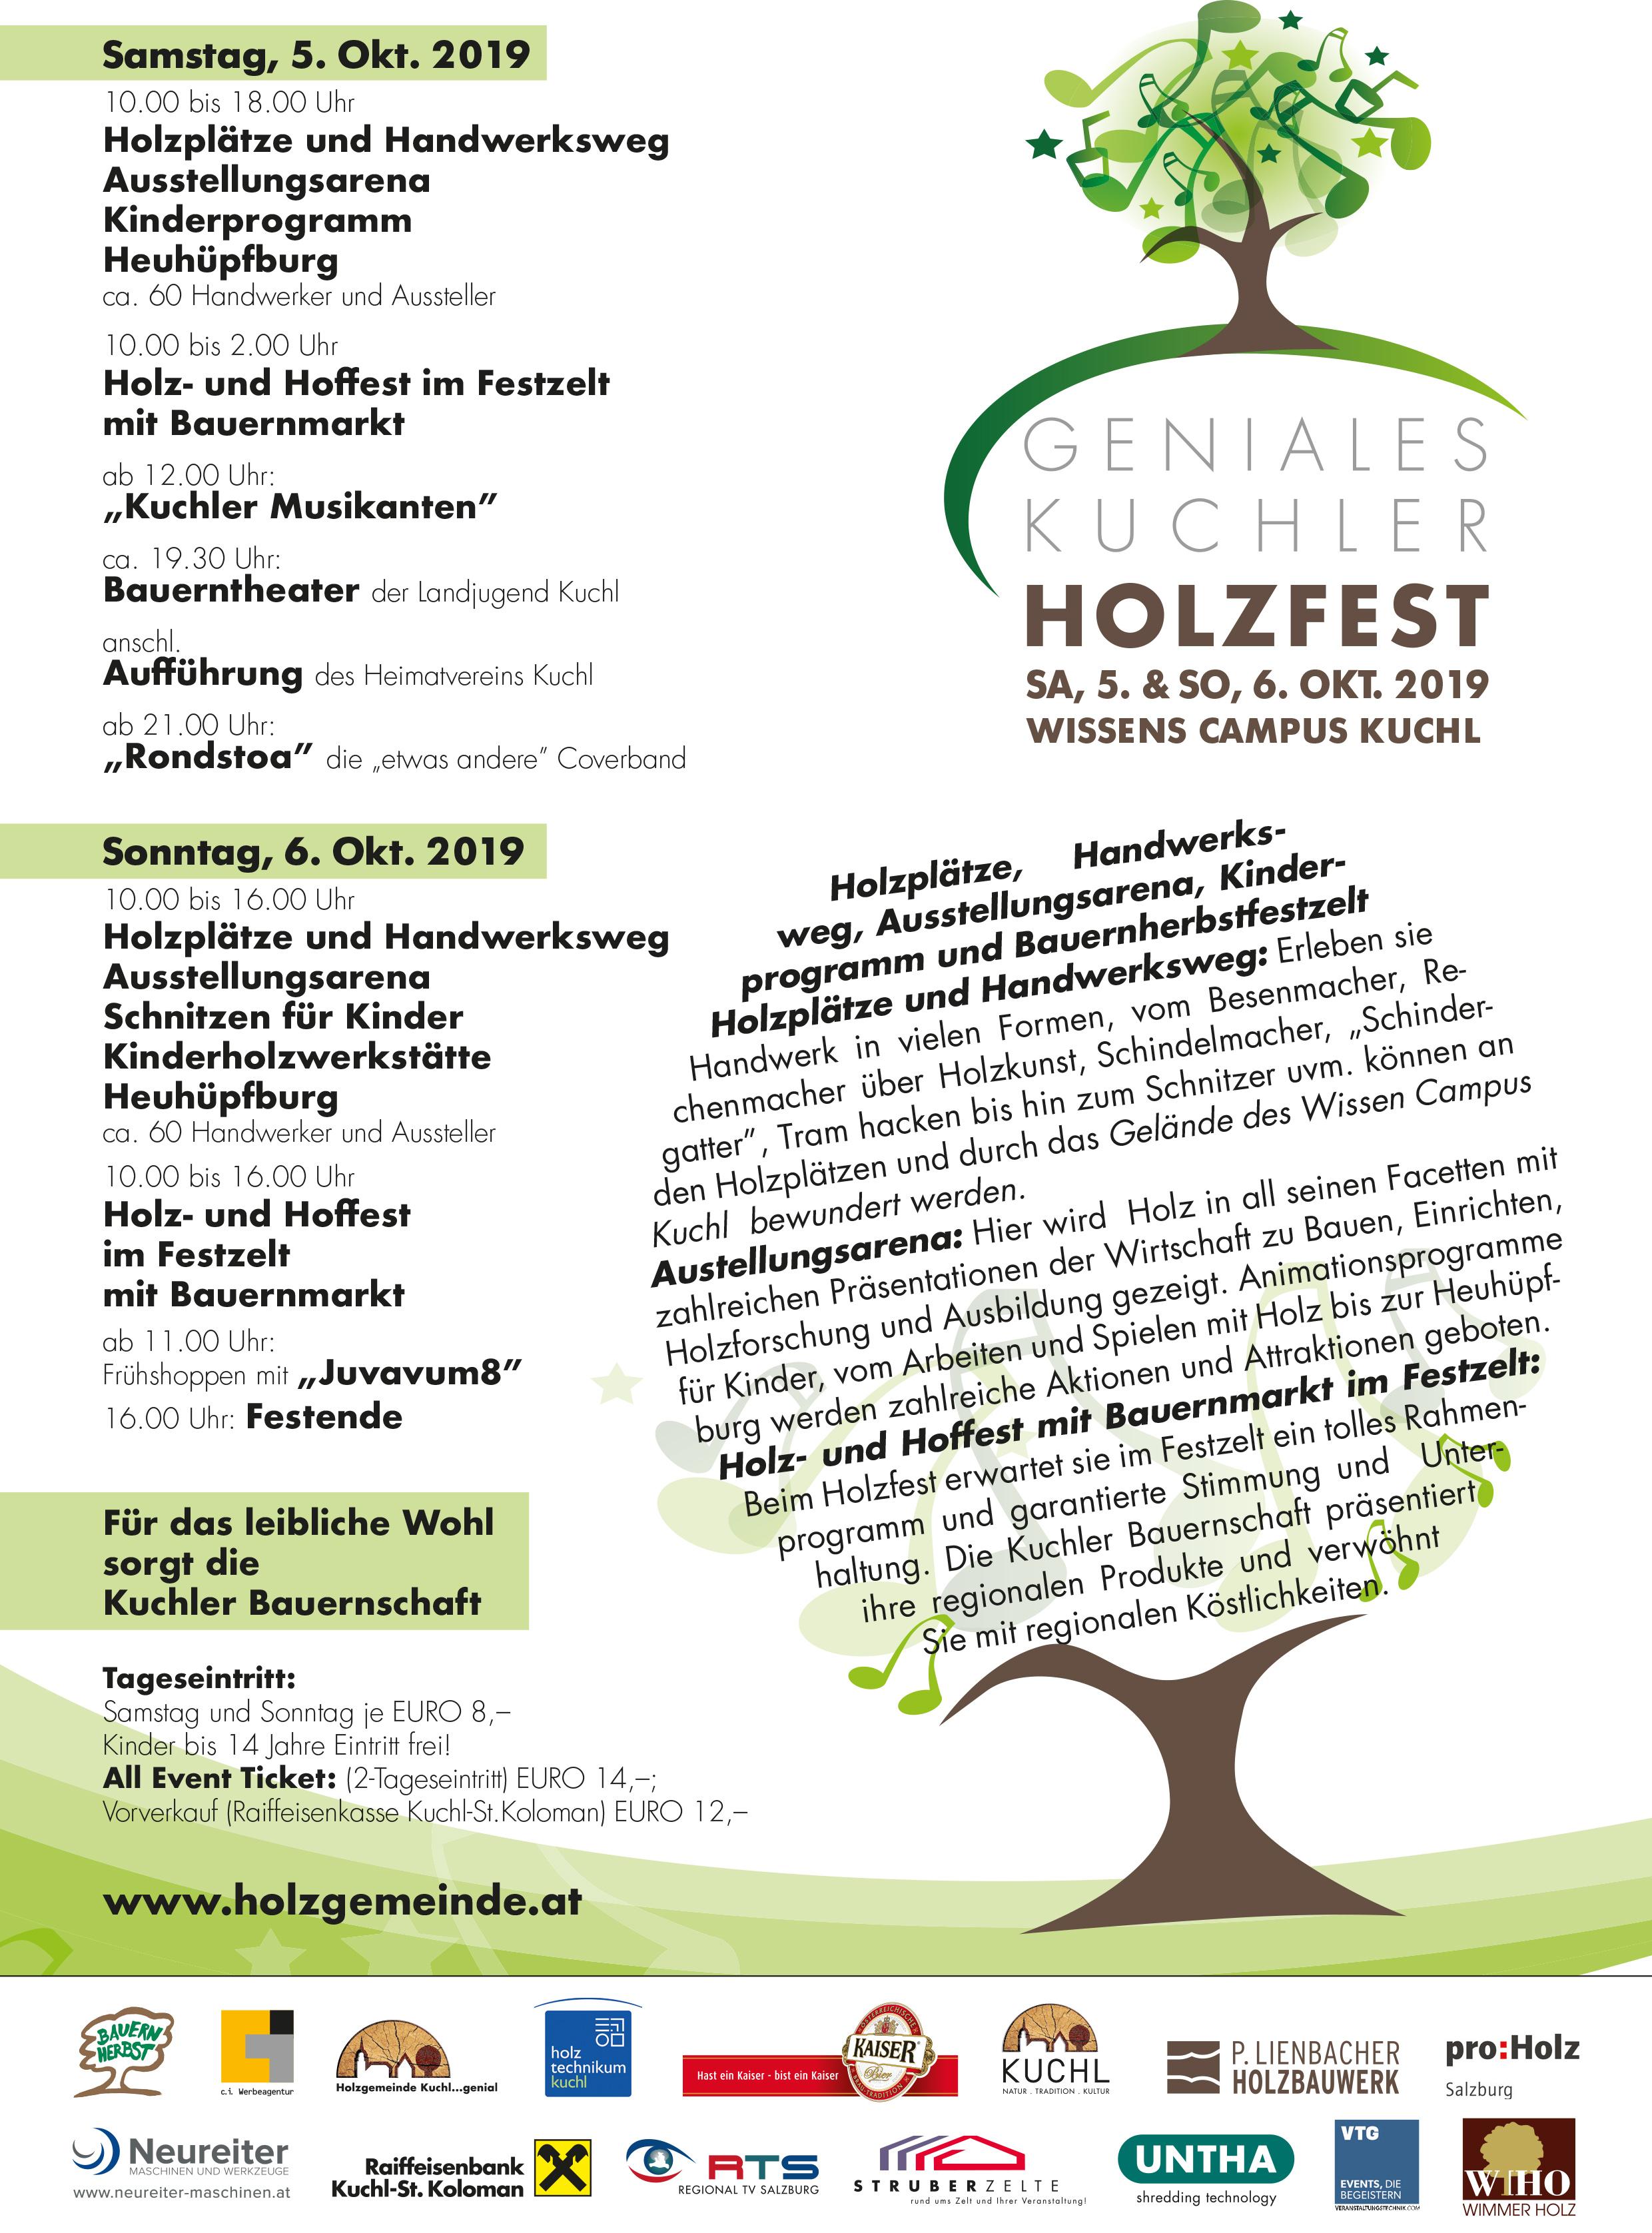 Liste der Veranstaltungen in Tennengau - carolinavolksfolks.com